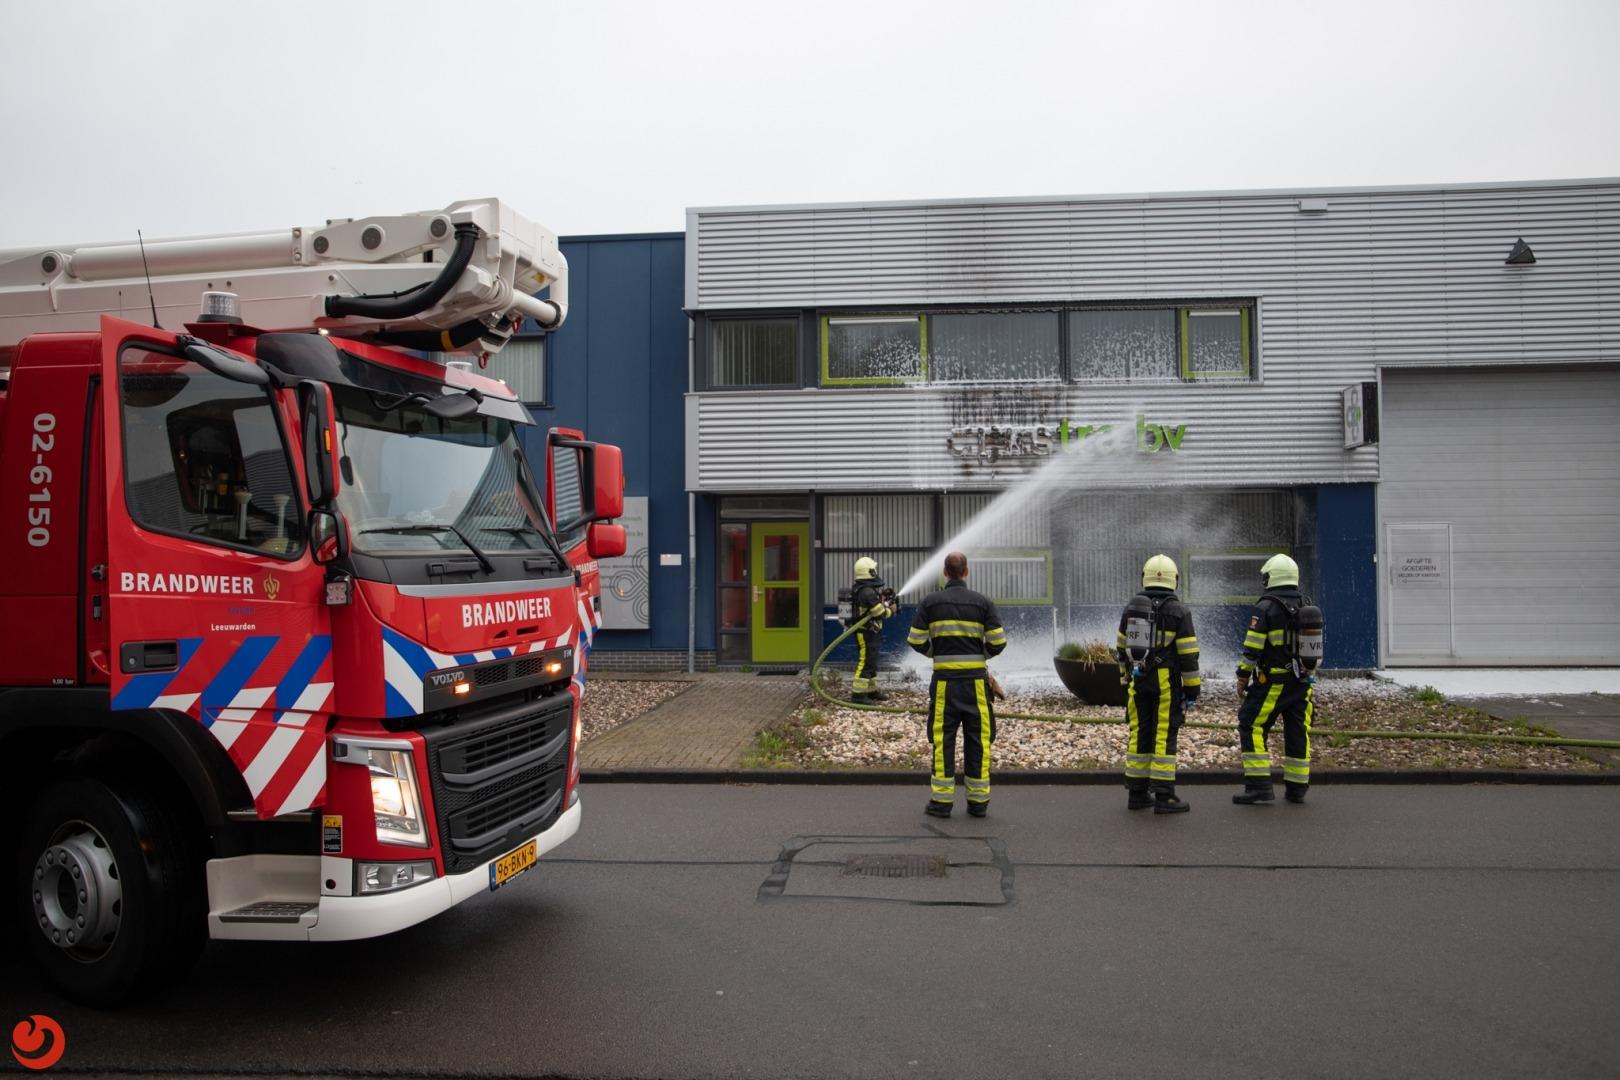 Gevelreclame van bedrijf in brand